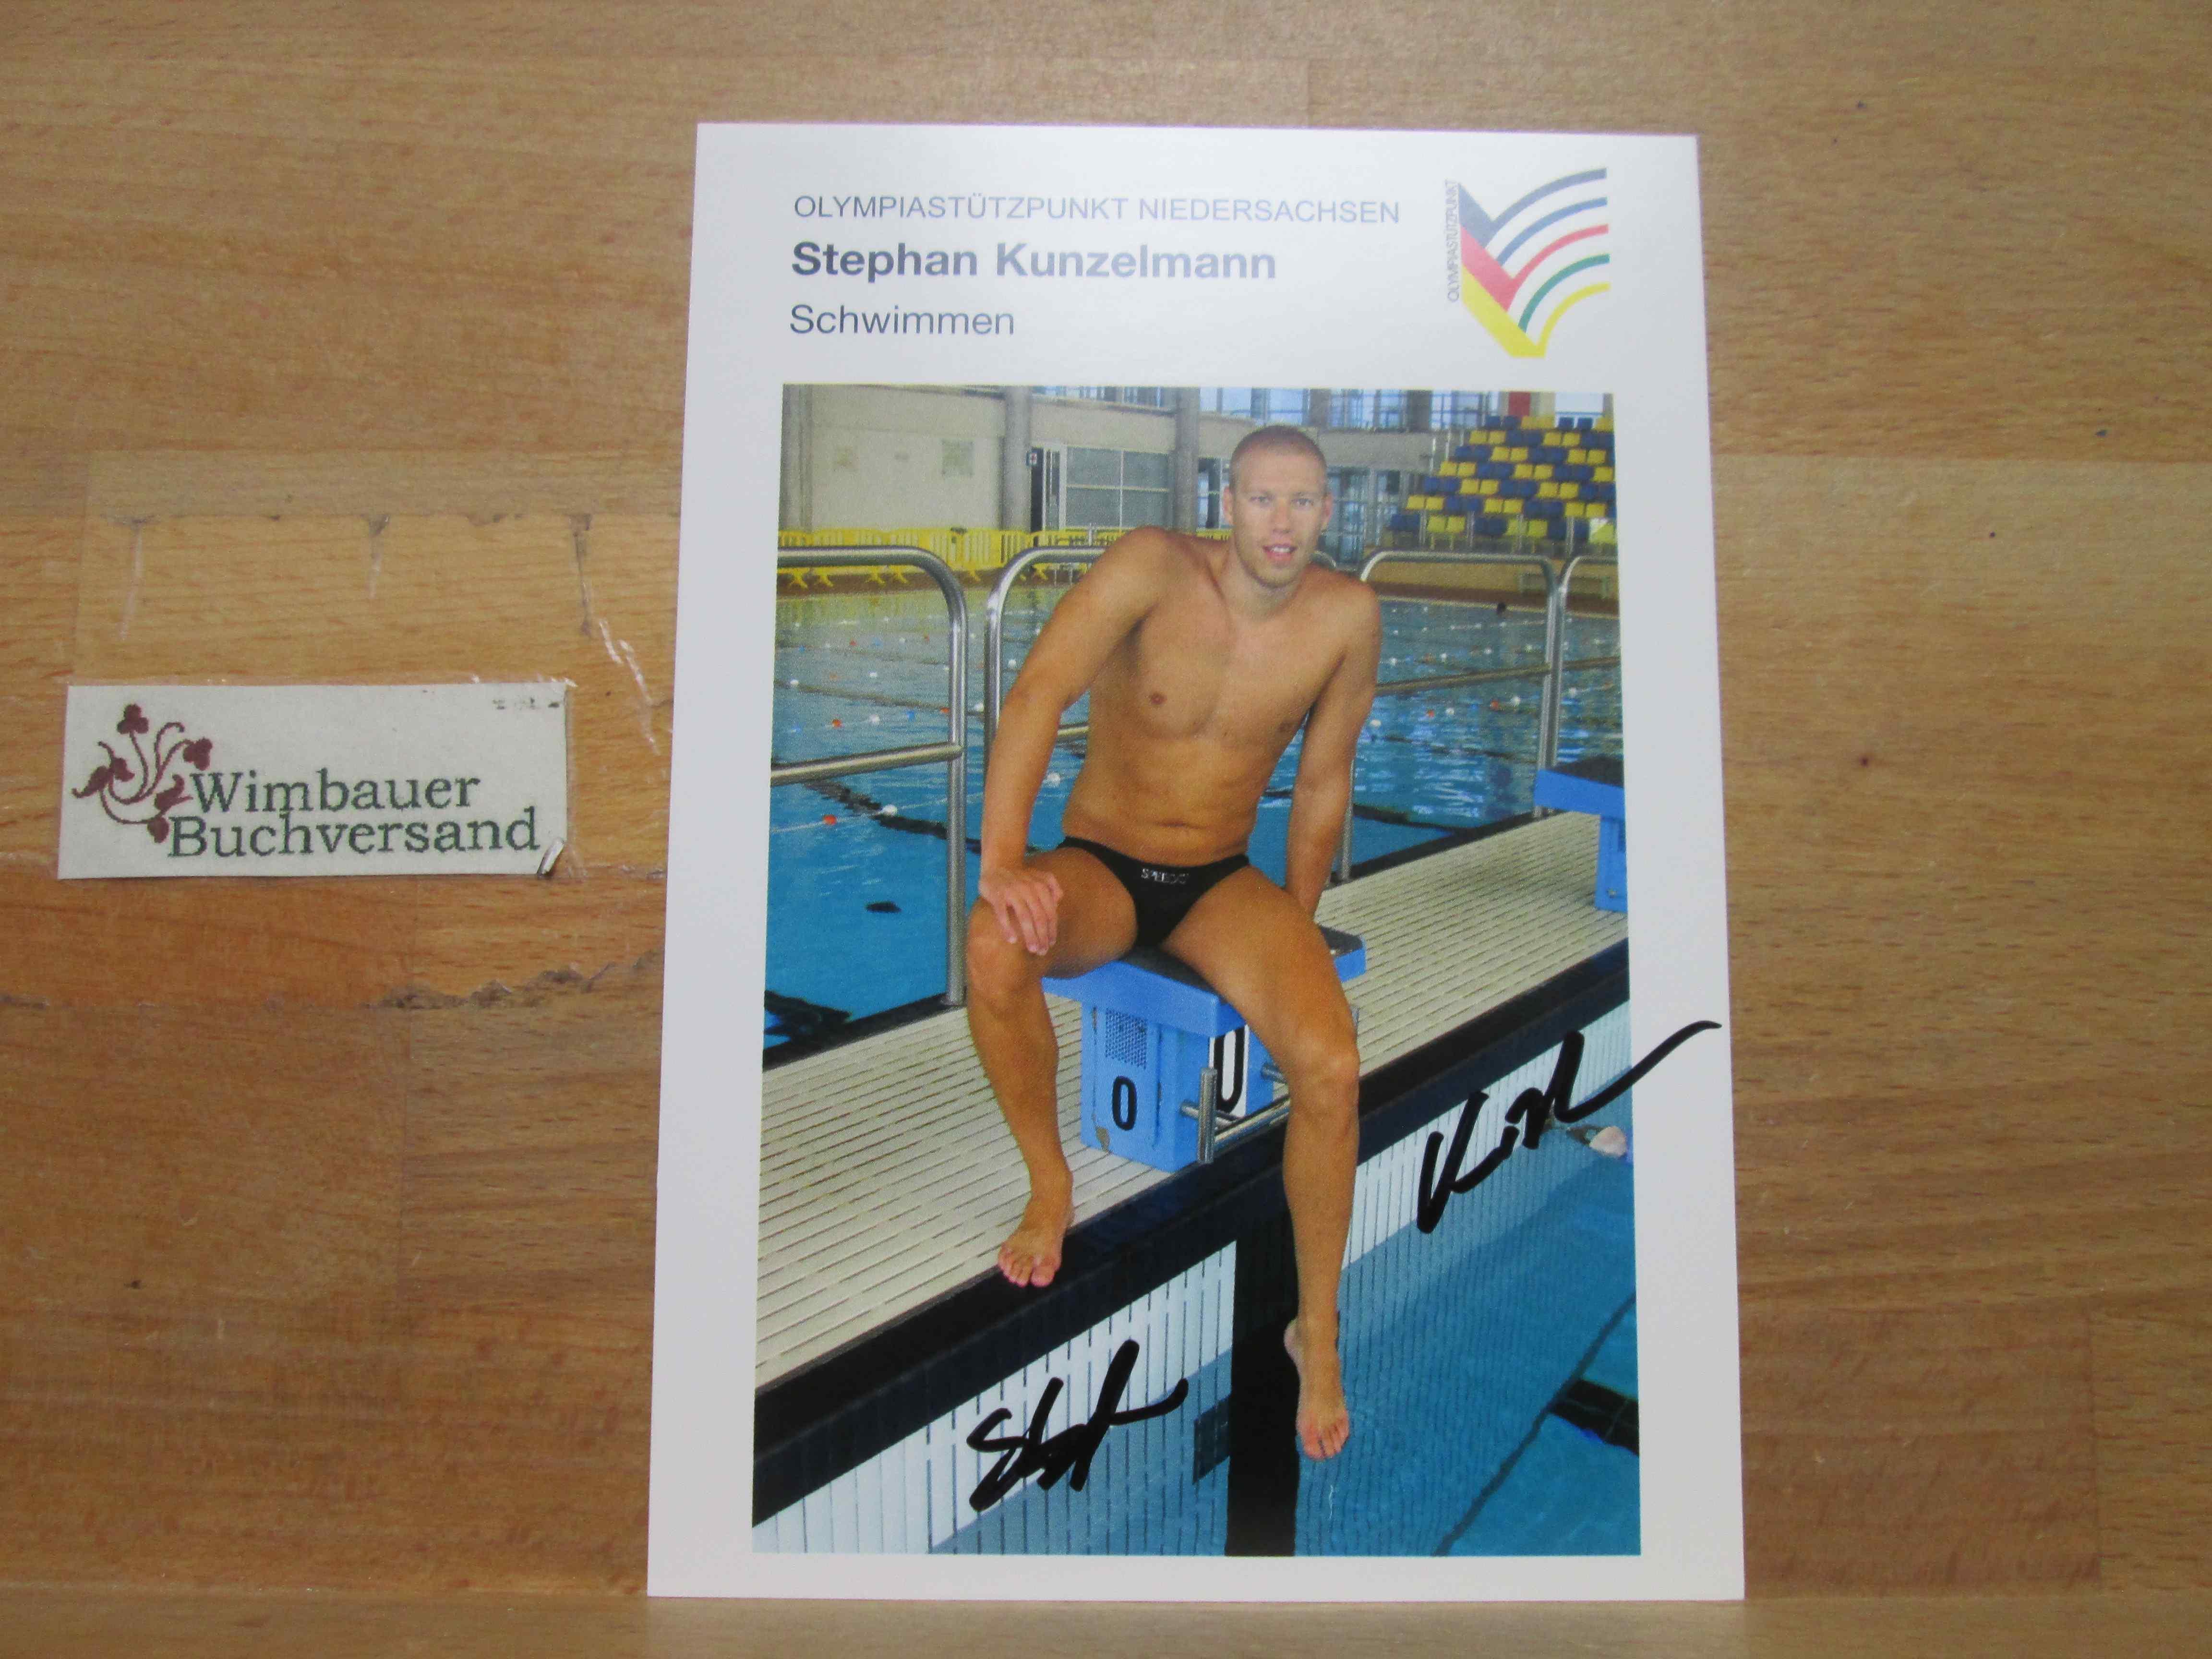 Original Autogramm Stephan Kunzelmann Schwimmen /// Autogramm Autograph signiert signed signee